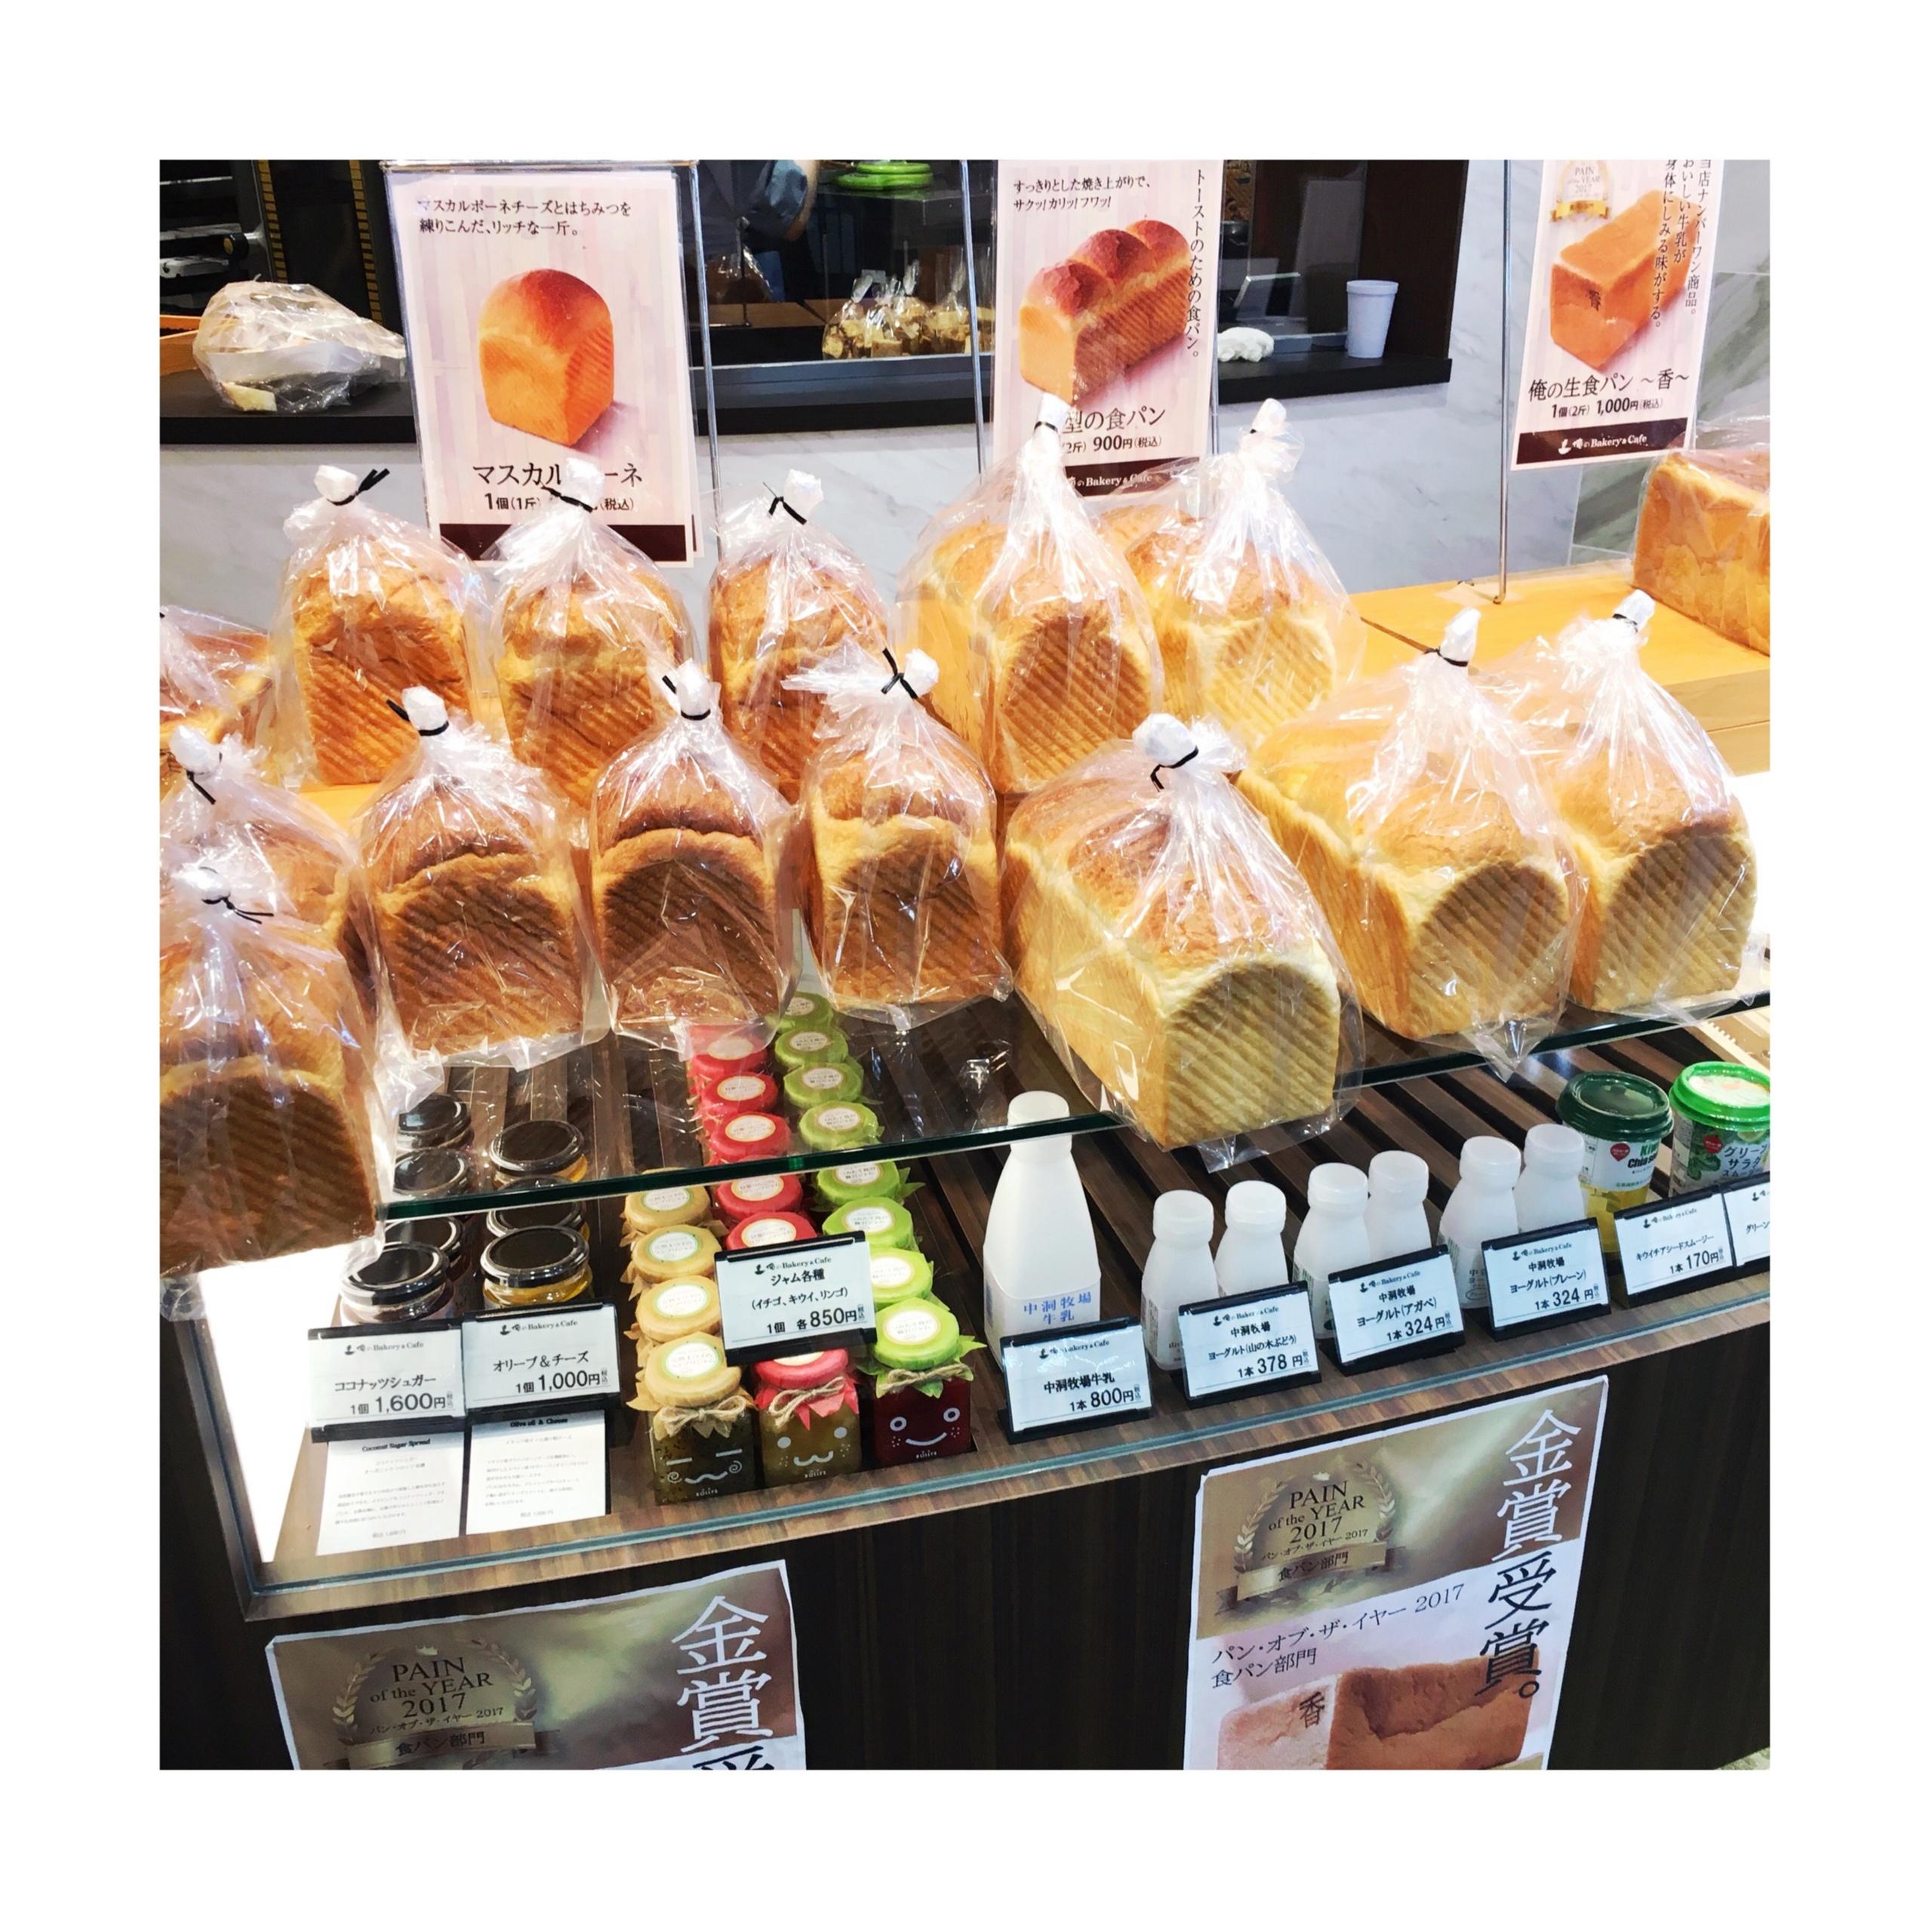 《ご当地MORE★東京》焼き上がりは1日4回!あのECHIREバターを使った【俺のBakery&Cafe】プレミアムクロワッサンがおいしすぎる❤️_2